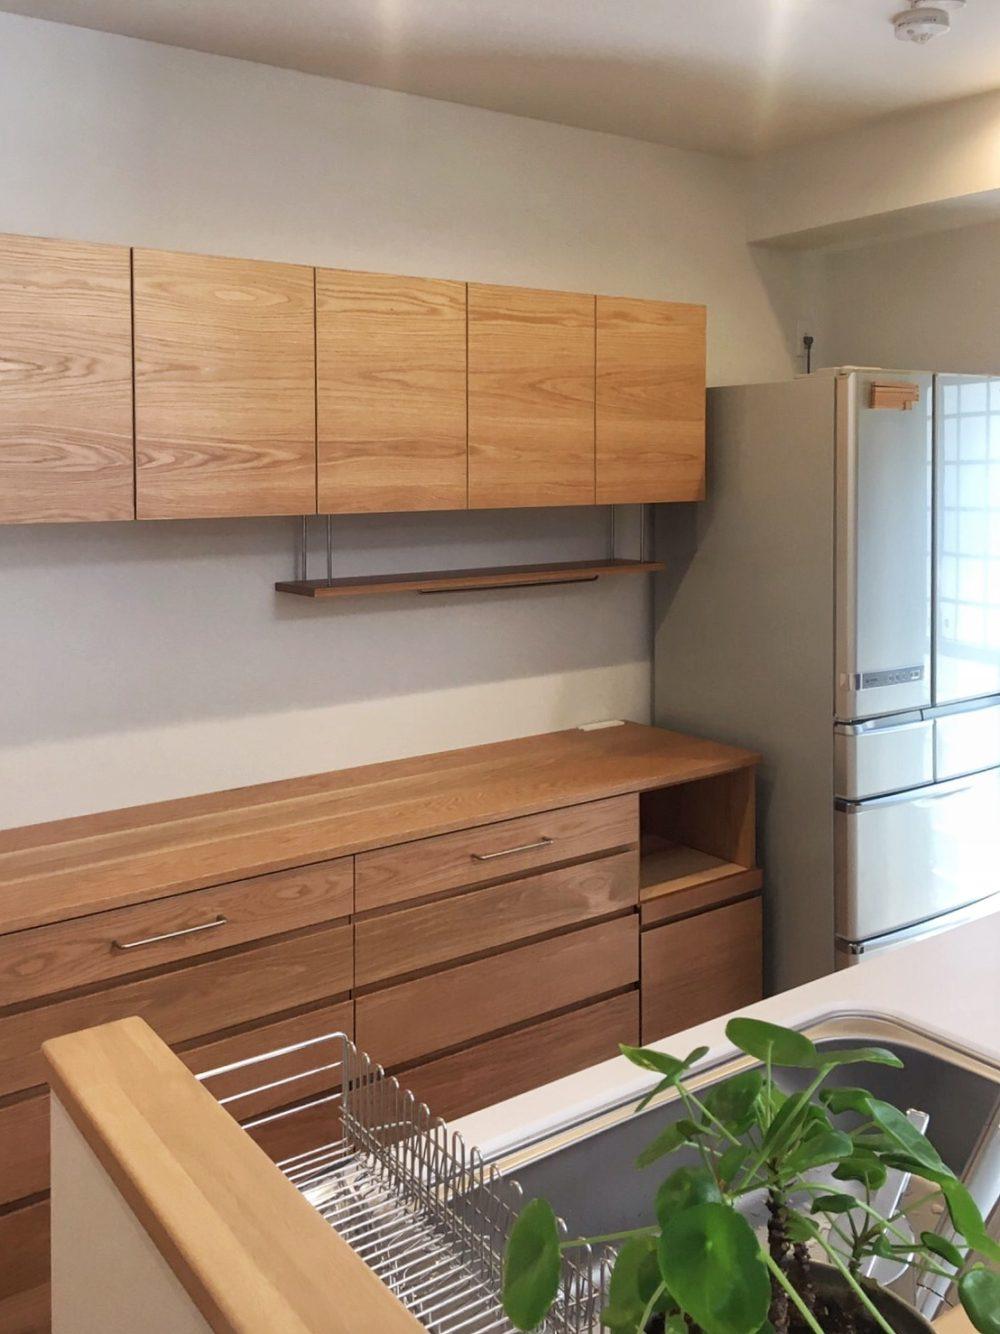 オーダー家具・カップボード食器棚/大阪府吹田市